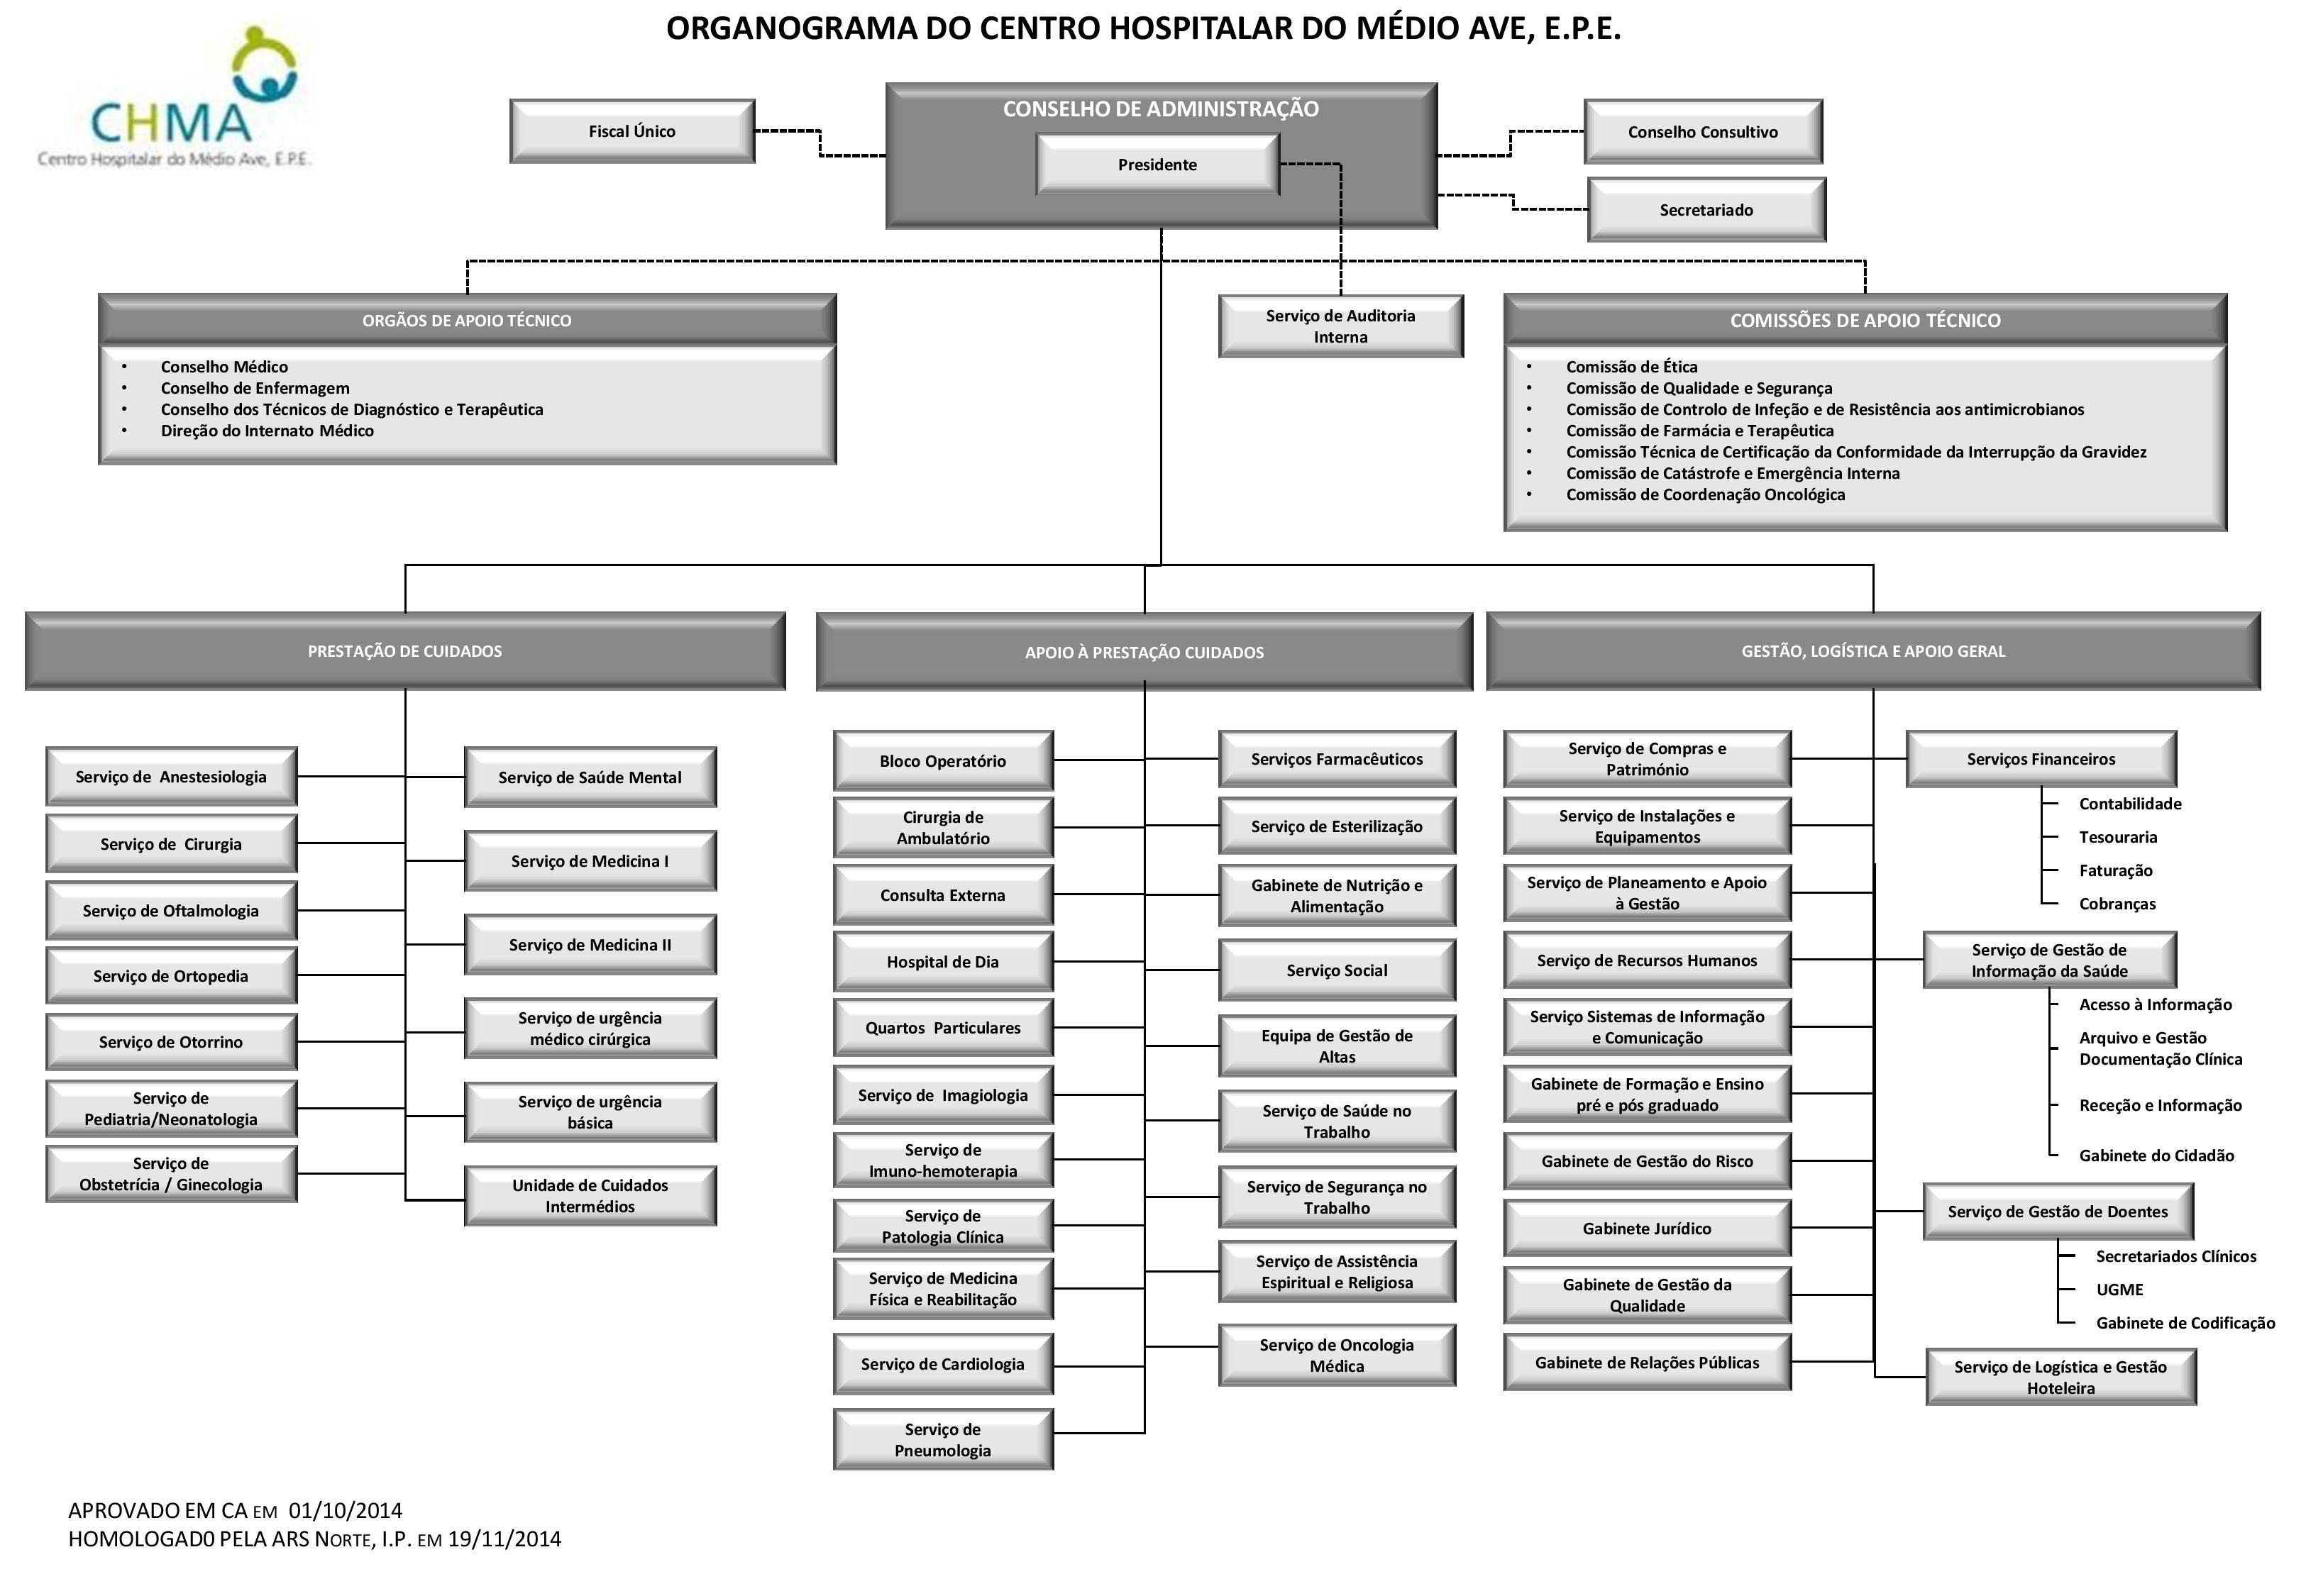 Organograma CHMA